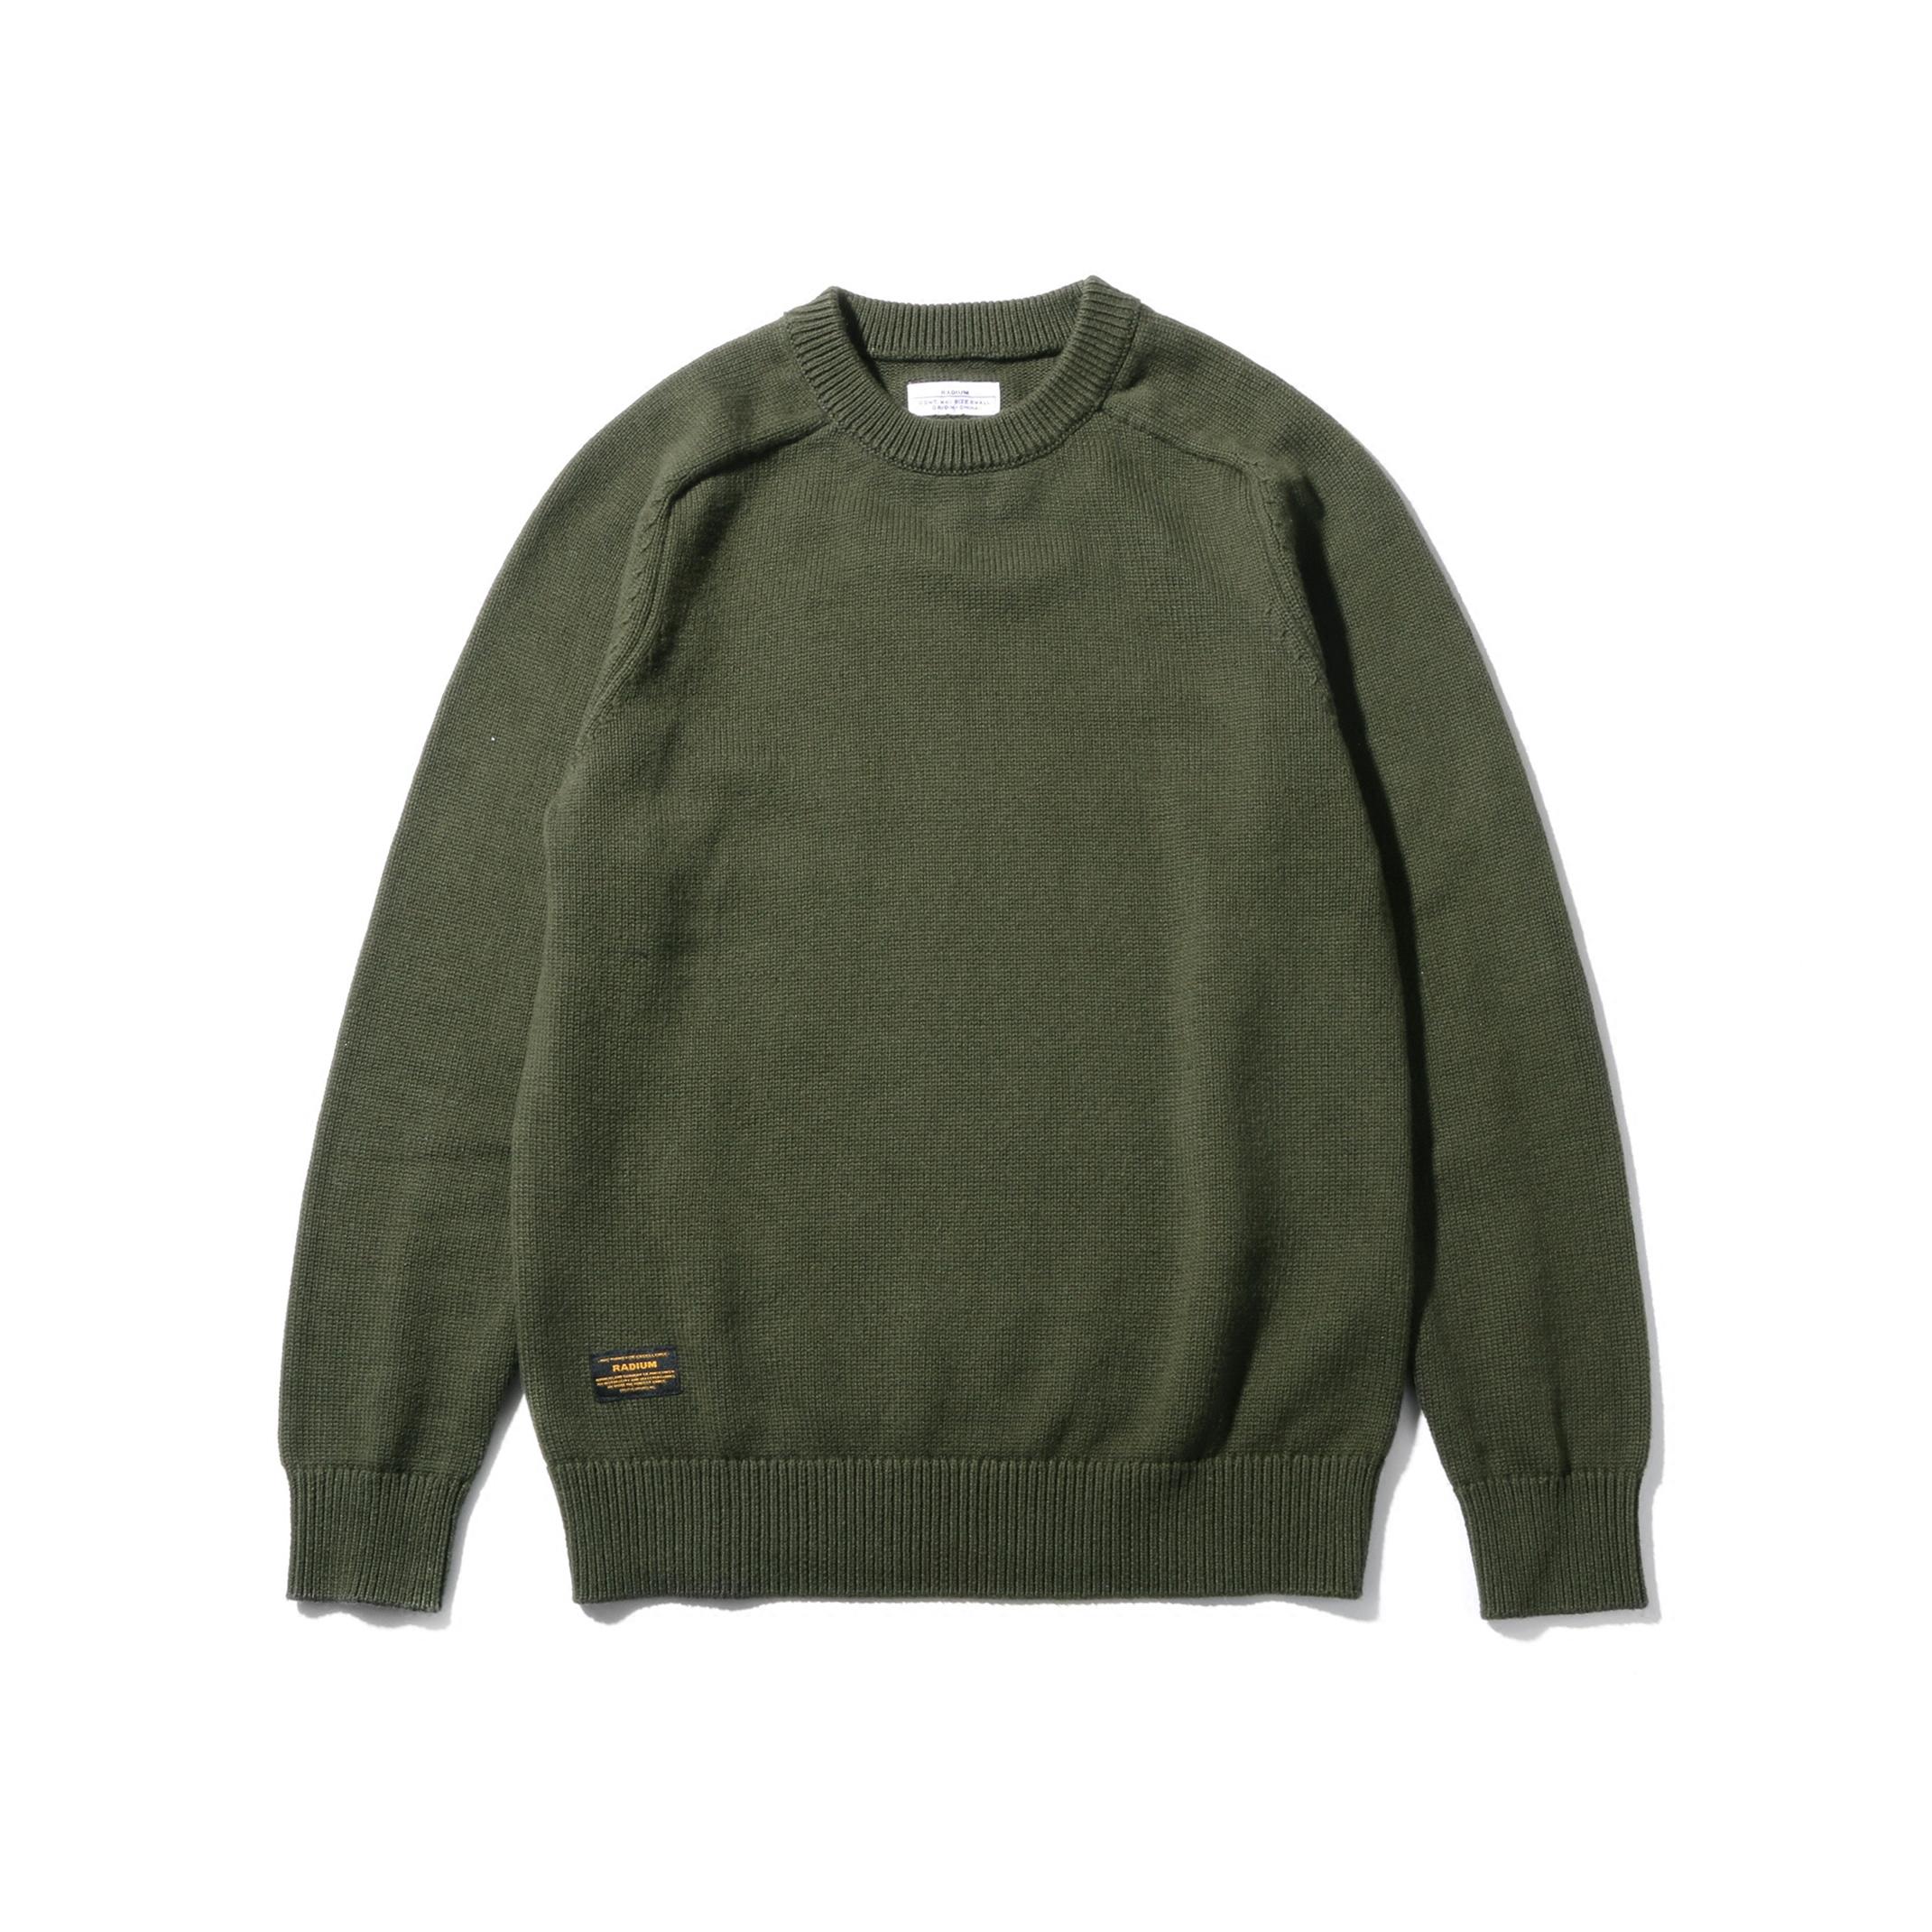 RADIUM 纯色羊毛混纺毛衣 潮牌圆领日系羊毛衫余文乐线衣 非wtaps